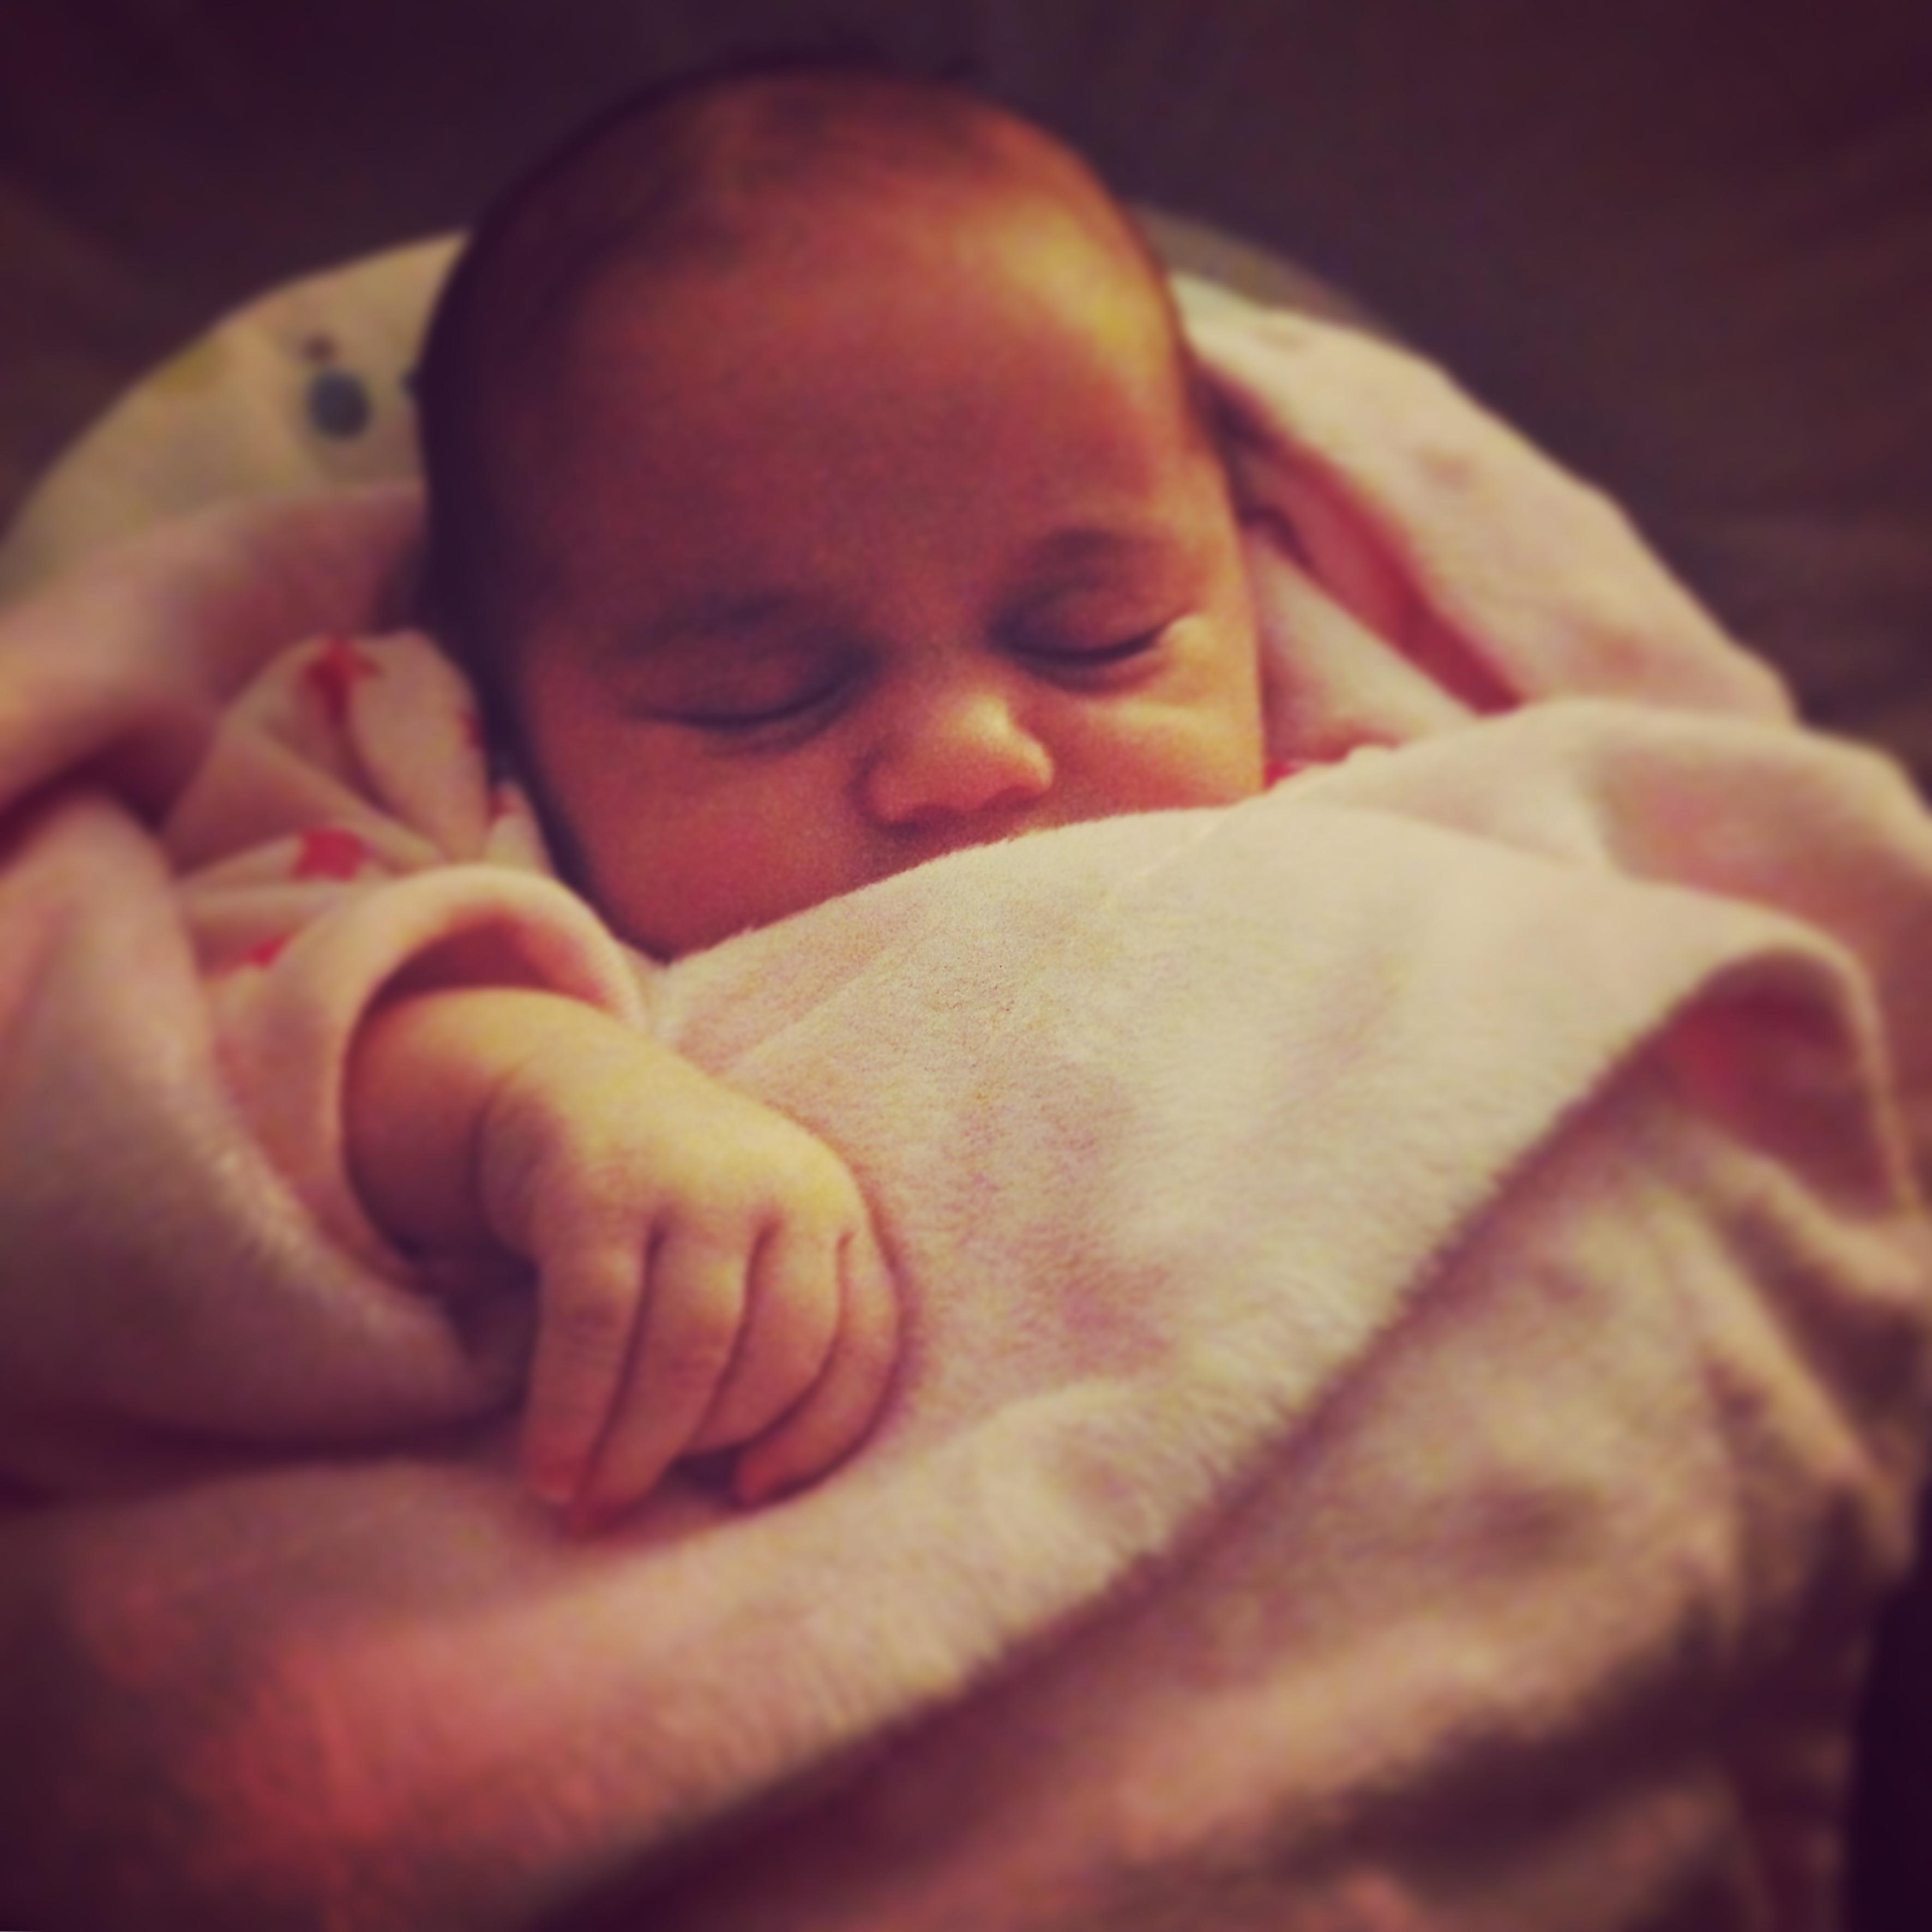 15-meses-con-mi-bebe, mar vidal, persistencia o cambio, babylucia, bebe, kids, baby, reflexiones